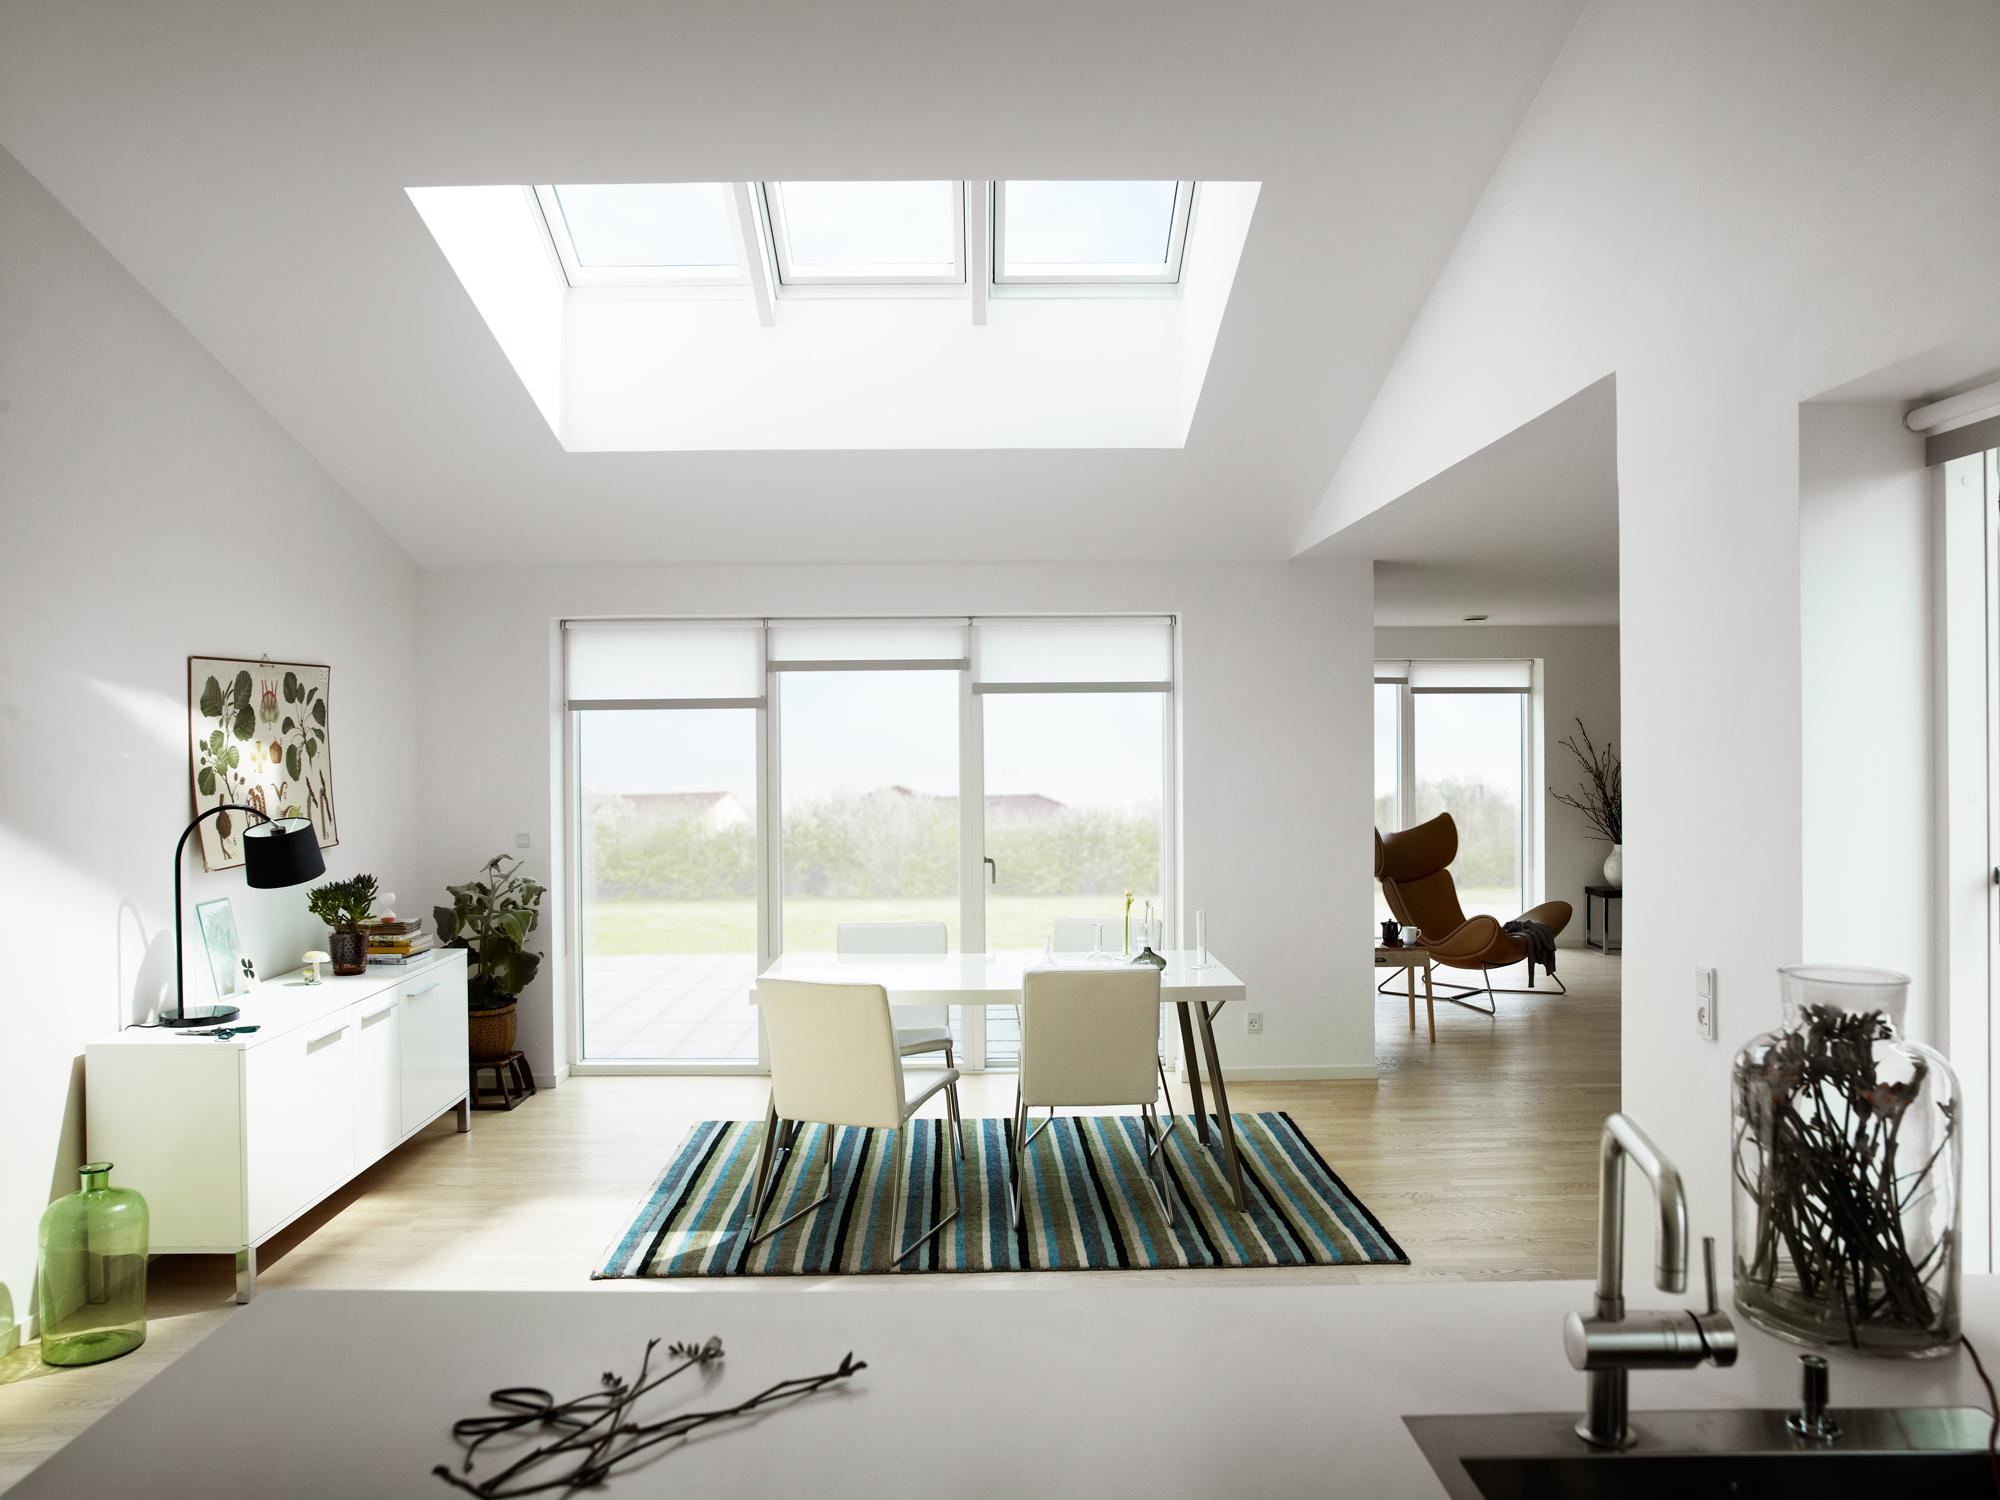 Il rapporto aeroilluminante calcolo e normativa casa luce - Arredare sottotetto non abitabile ...